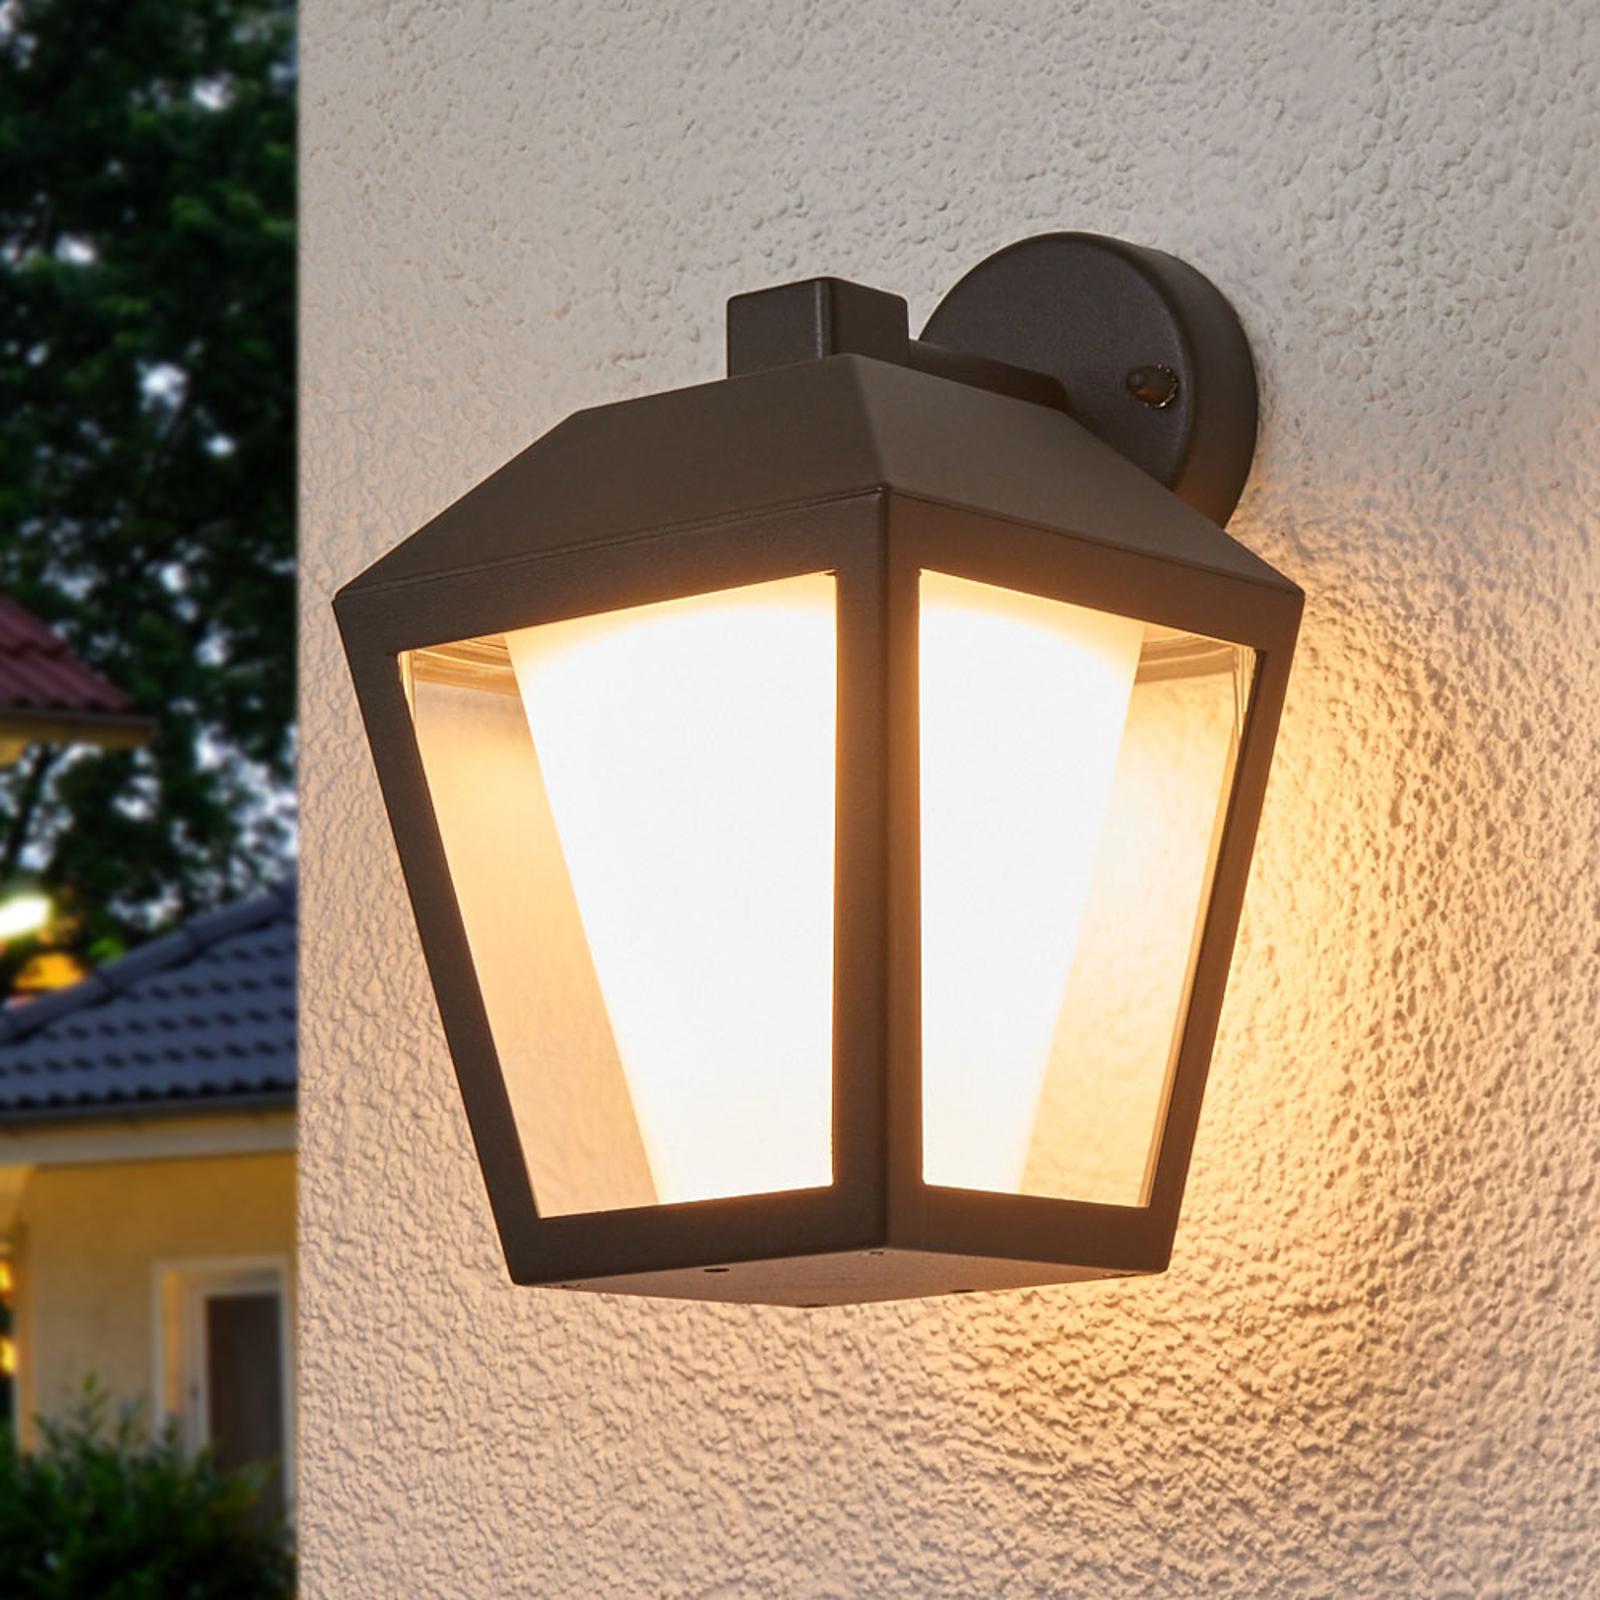 Mörk LED-utomhusvägglampa Keralyn